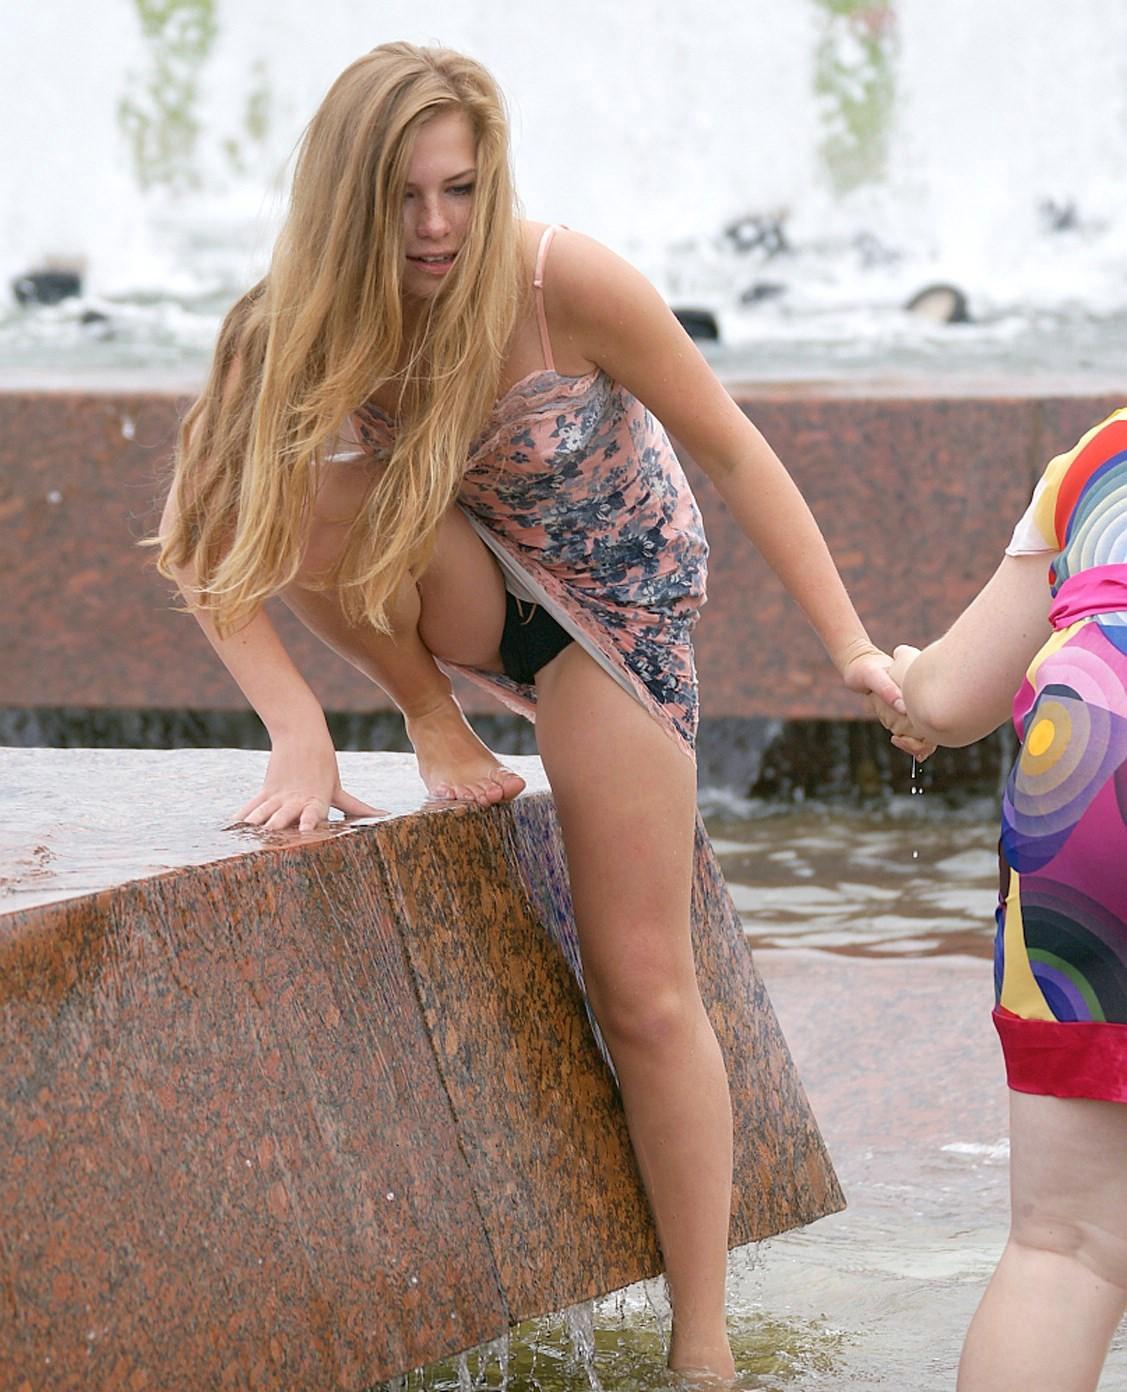 Блондинка купаясь в фонтане засветила черные трусики